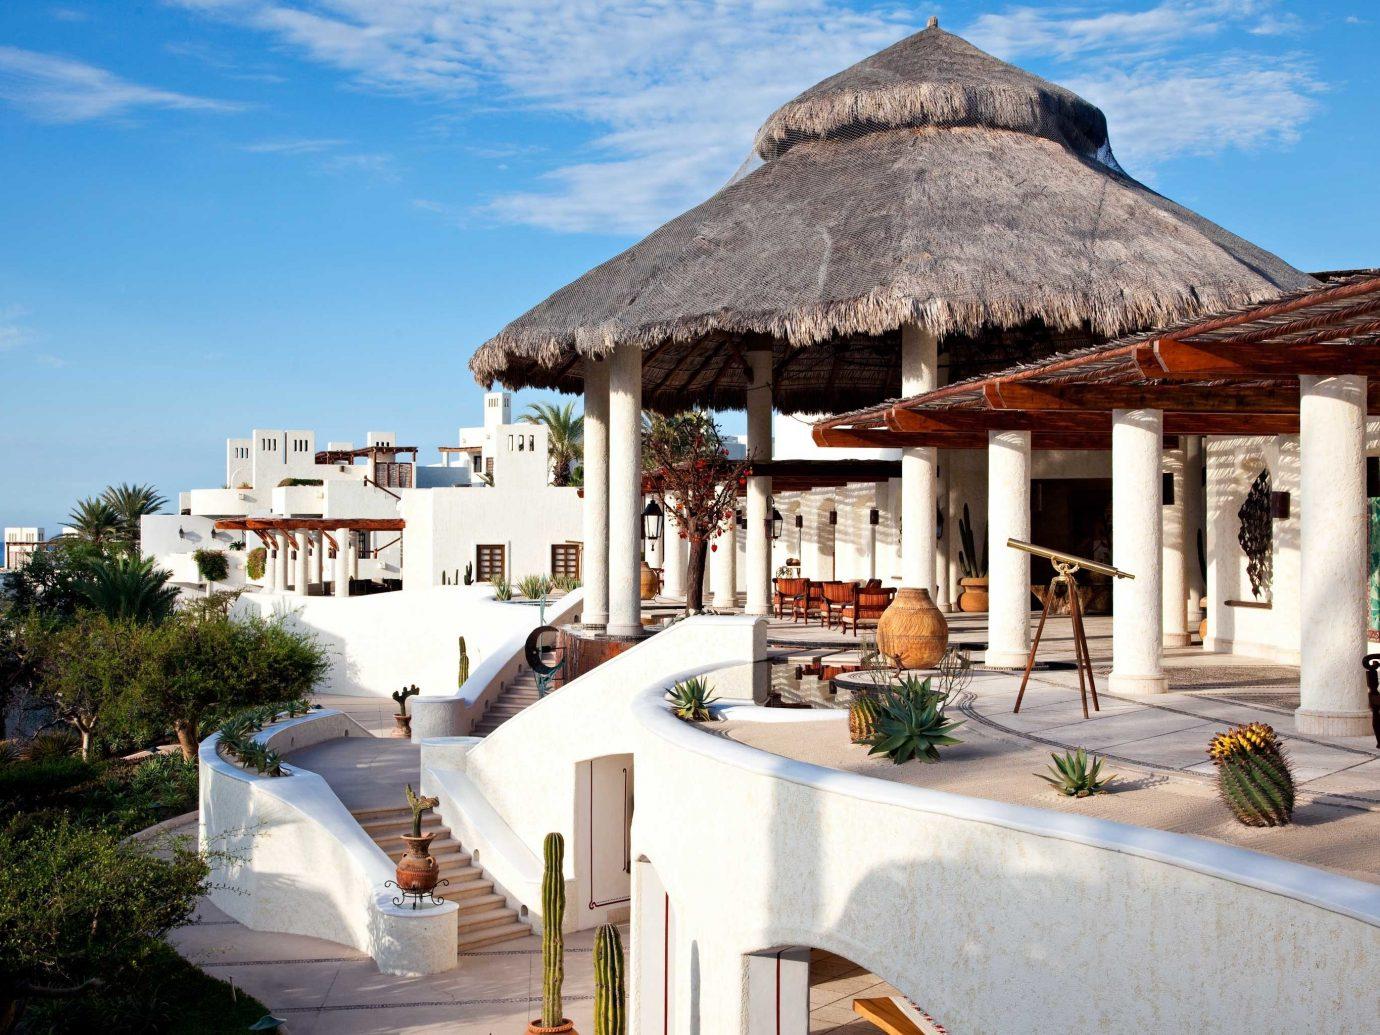 Exterior view of Las Ventanas al Paraíso